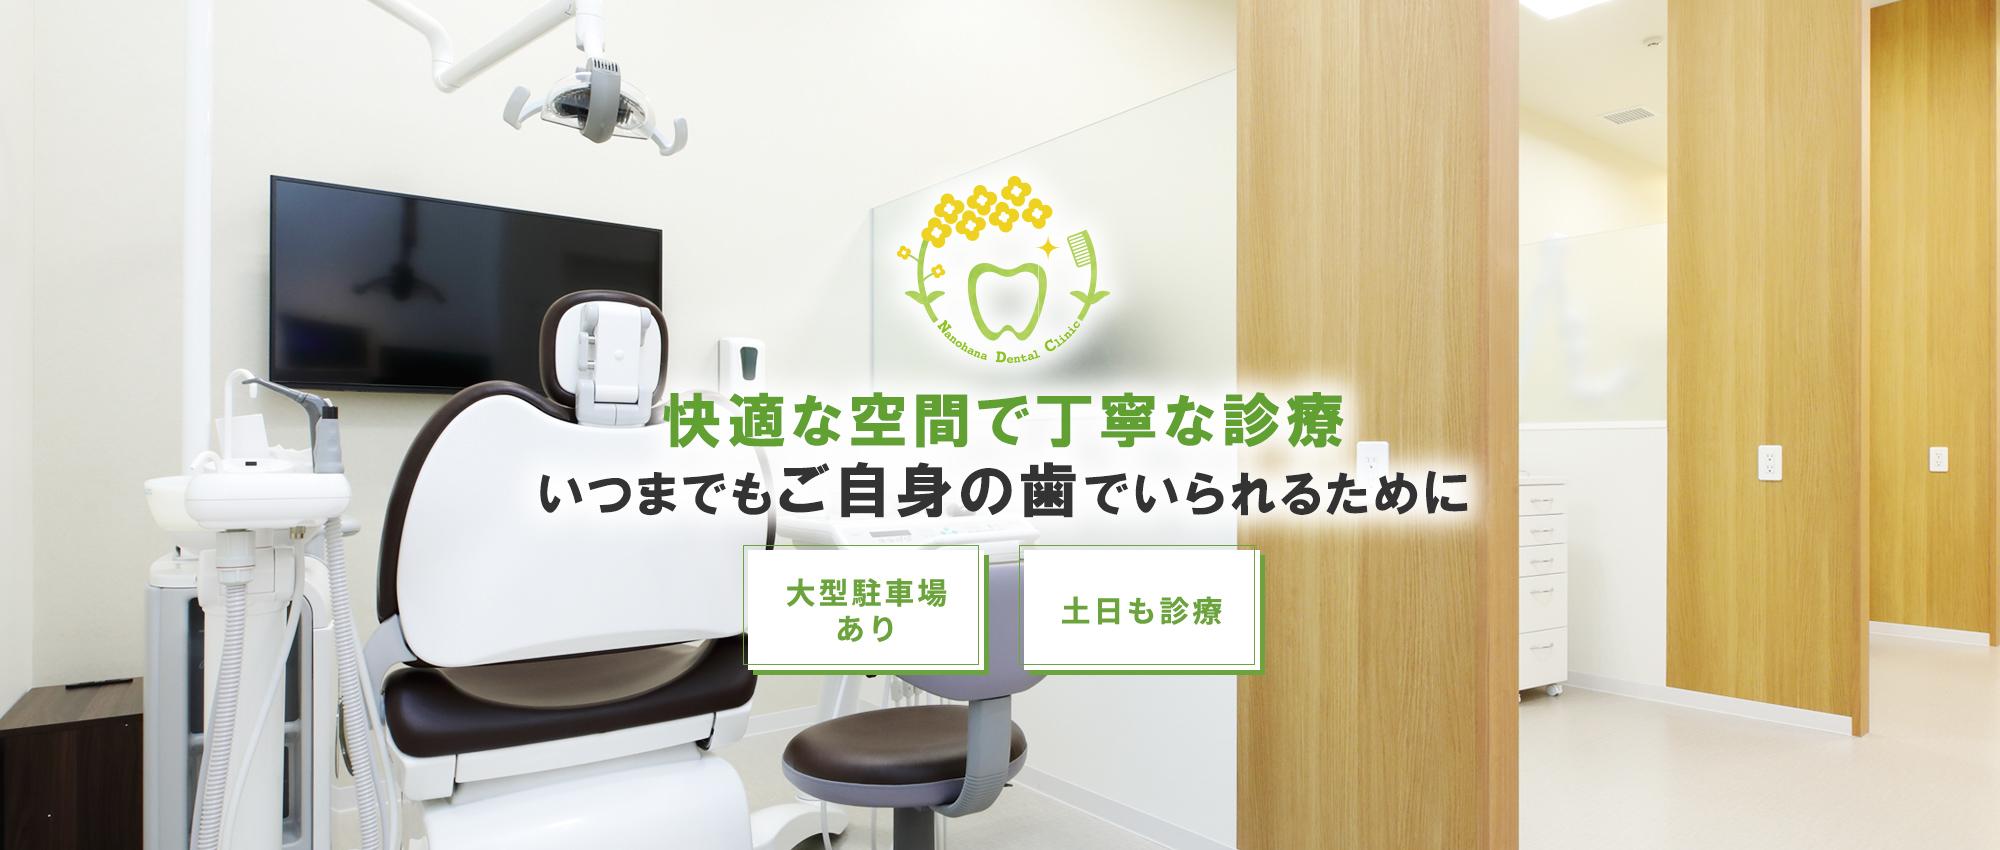 快適な空間で丁寧な診療いつまでもご自身の歯でいられるために